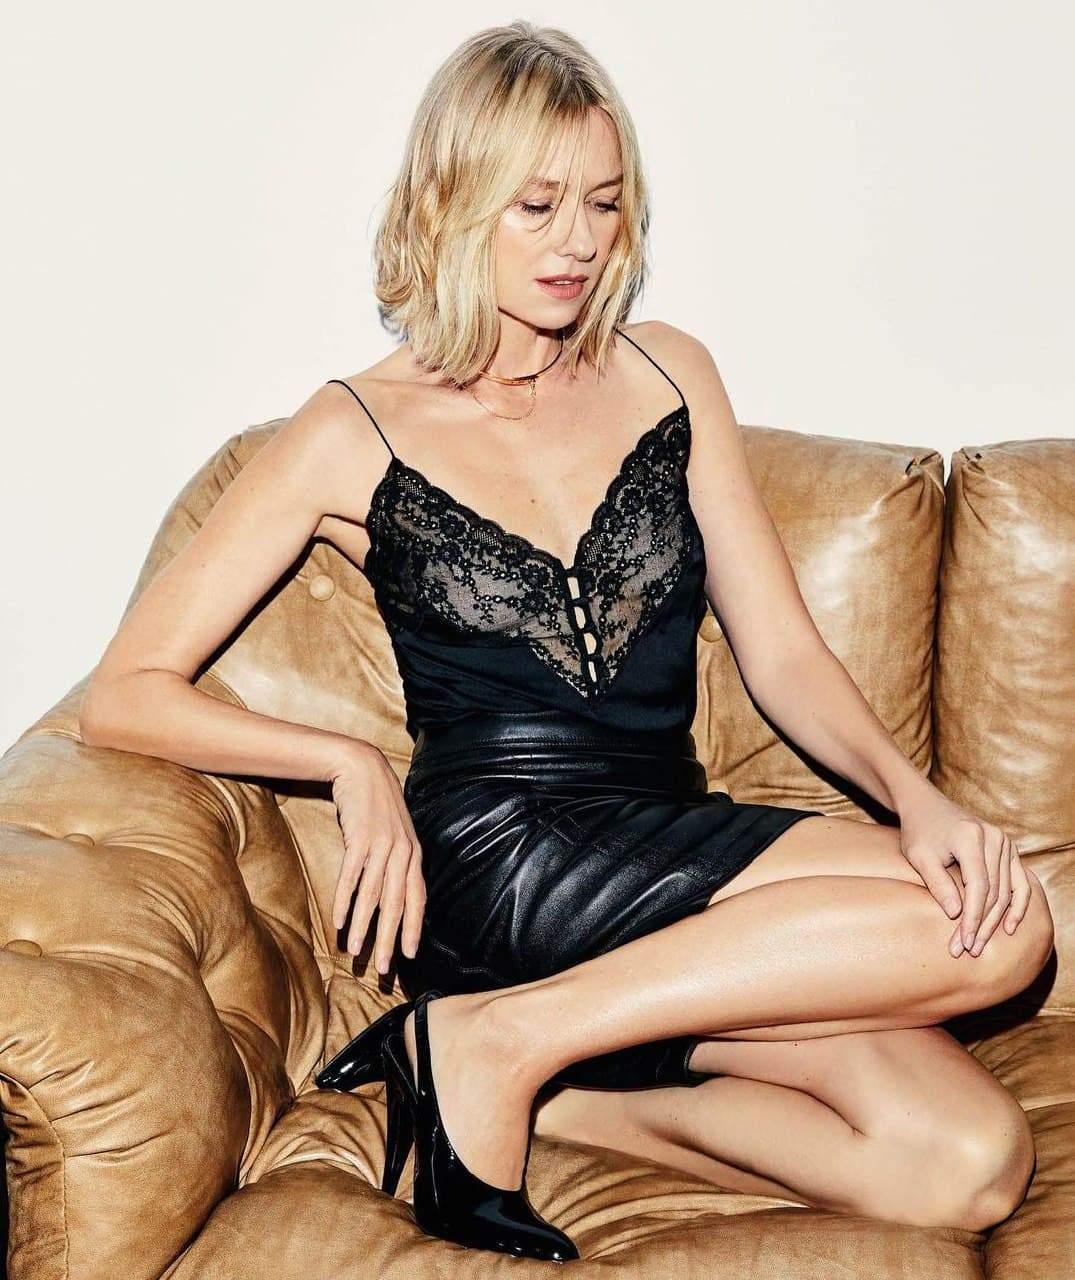 Наомі Воттс знялася для Vogue Australia